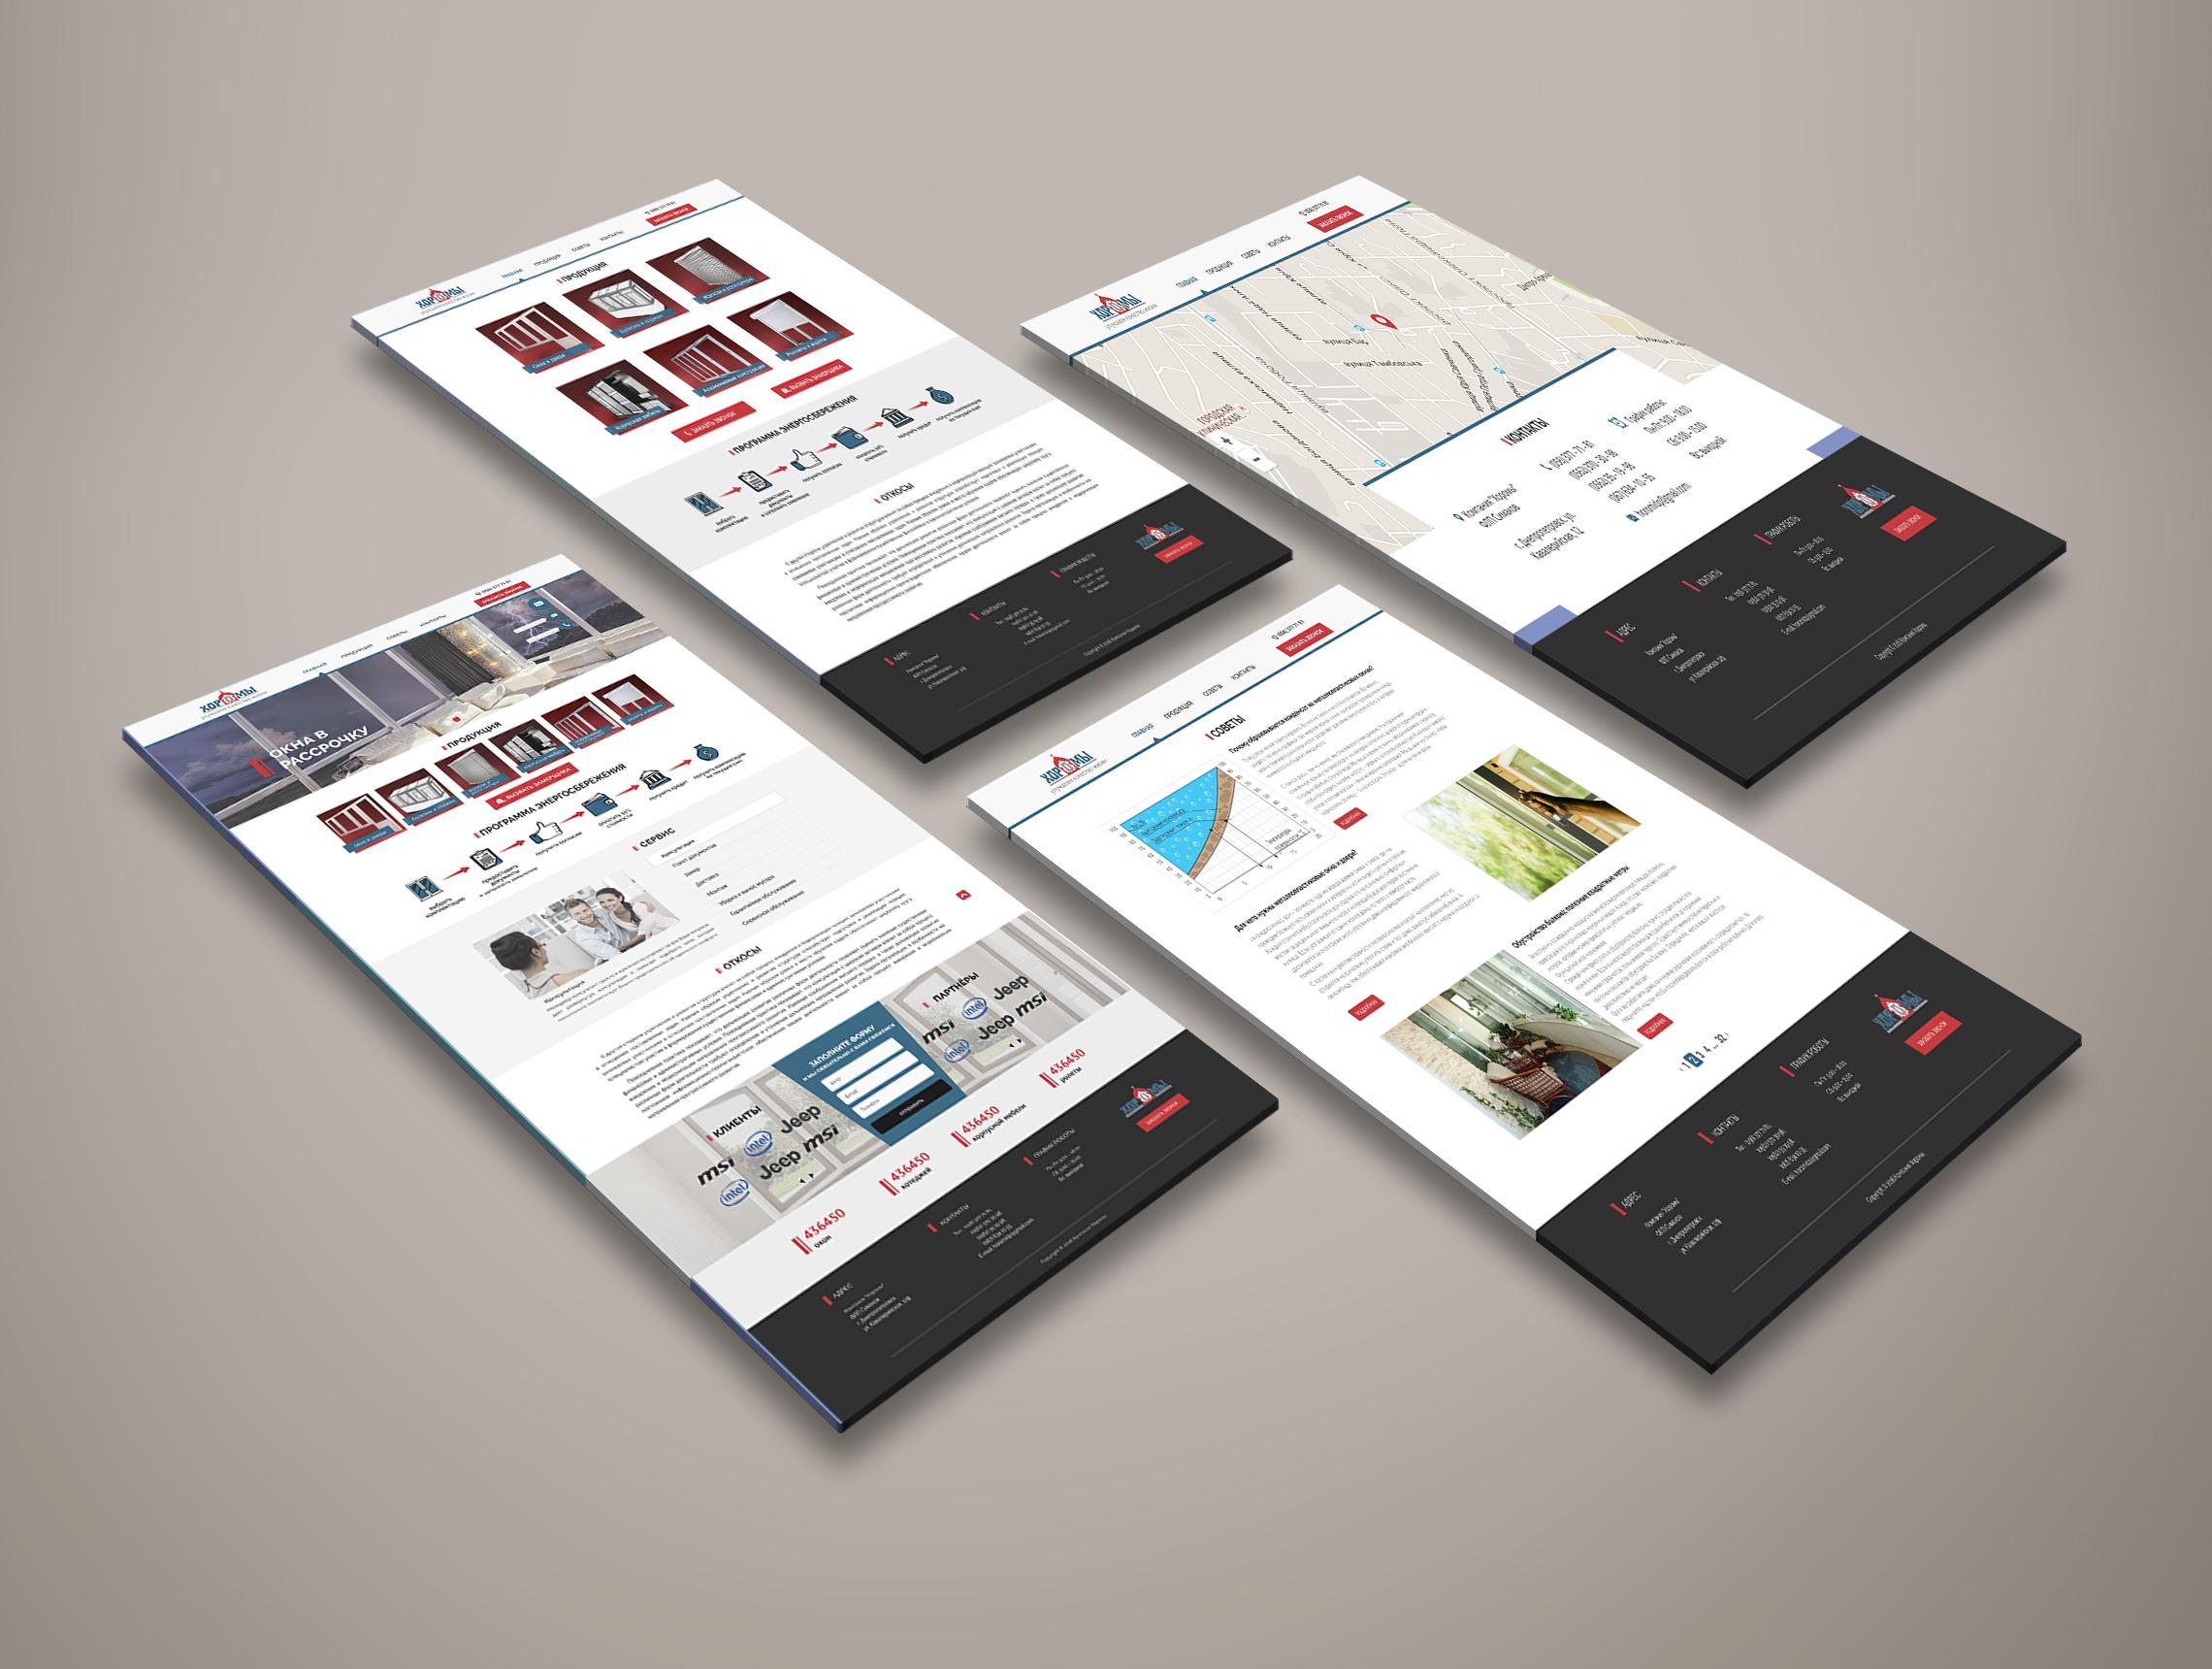 """Многостраничный сайт по продаже """"Окон и дверей"""" на WordPress"""